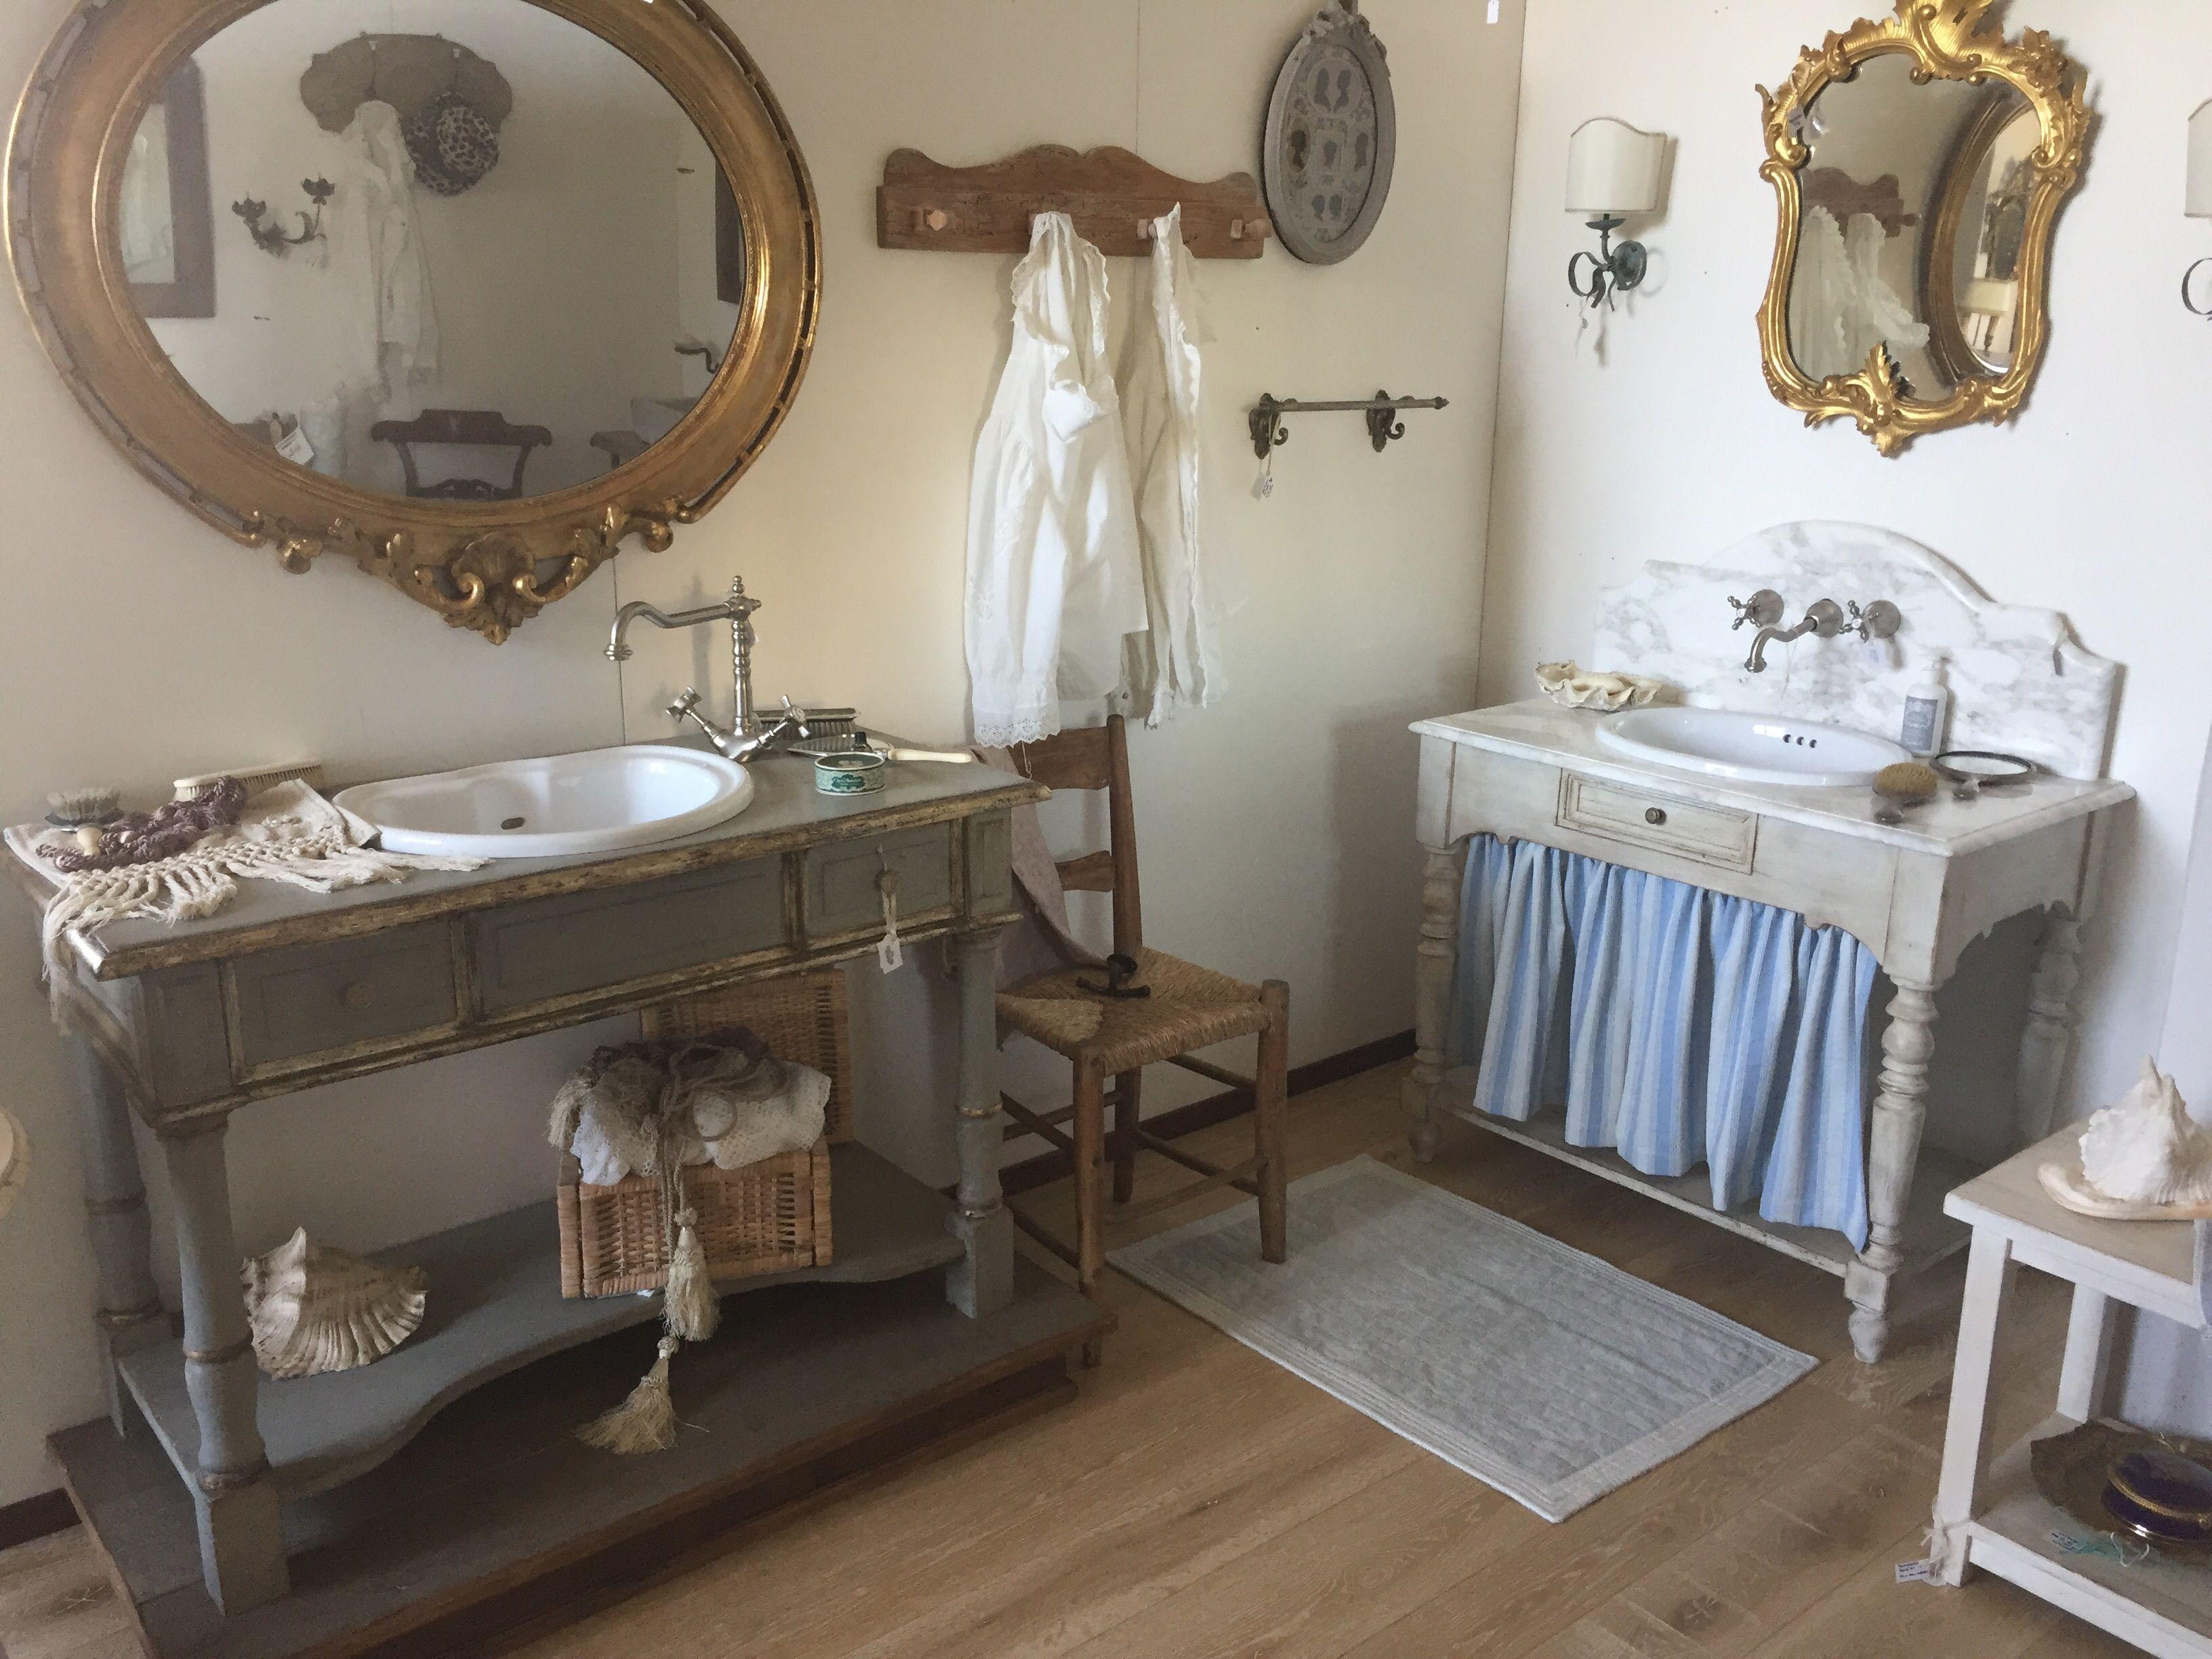 mobili da bagno a consolle con cornici meccate oppure